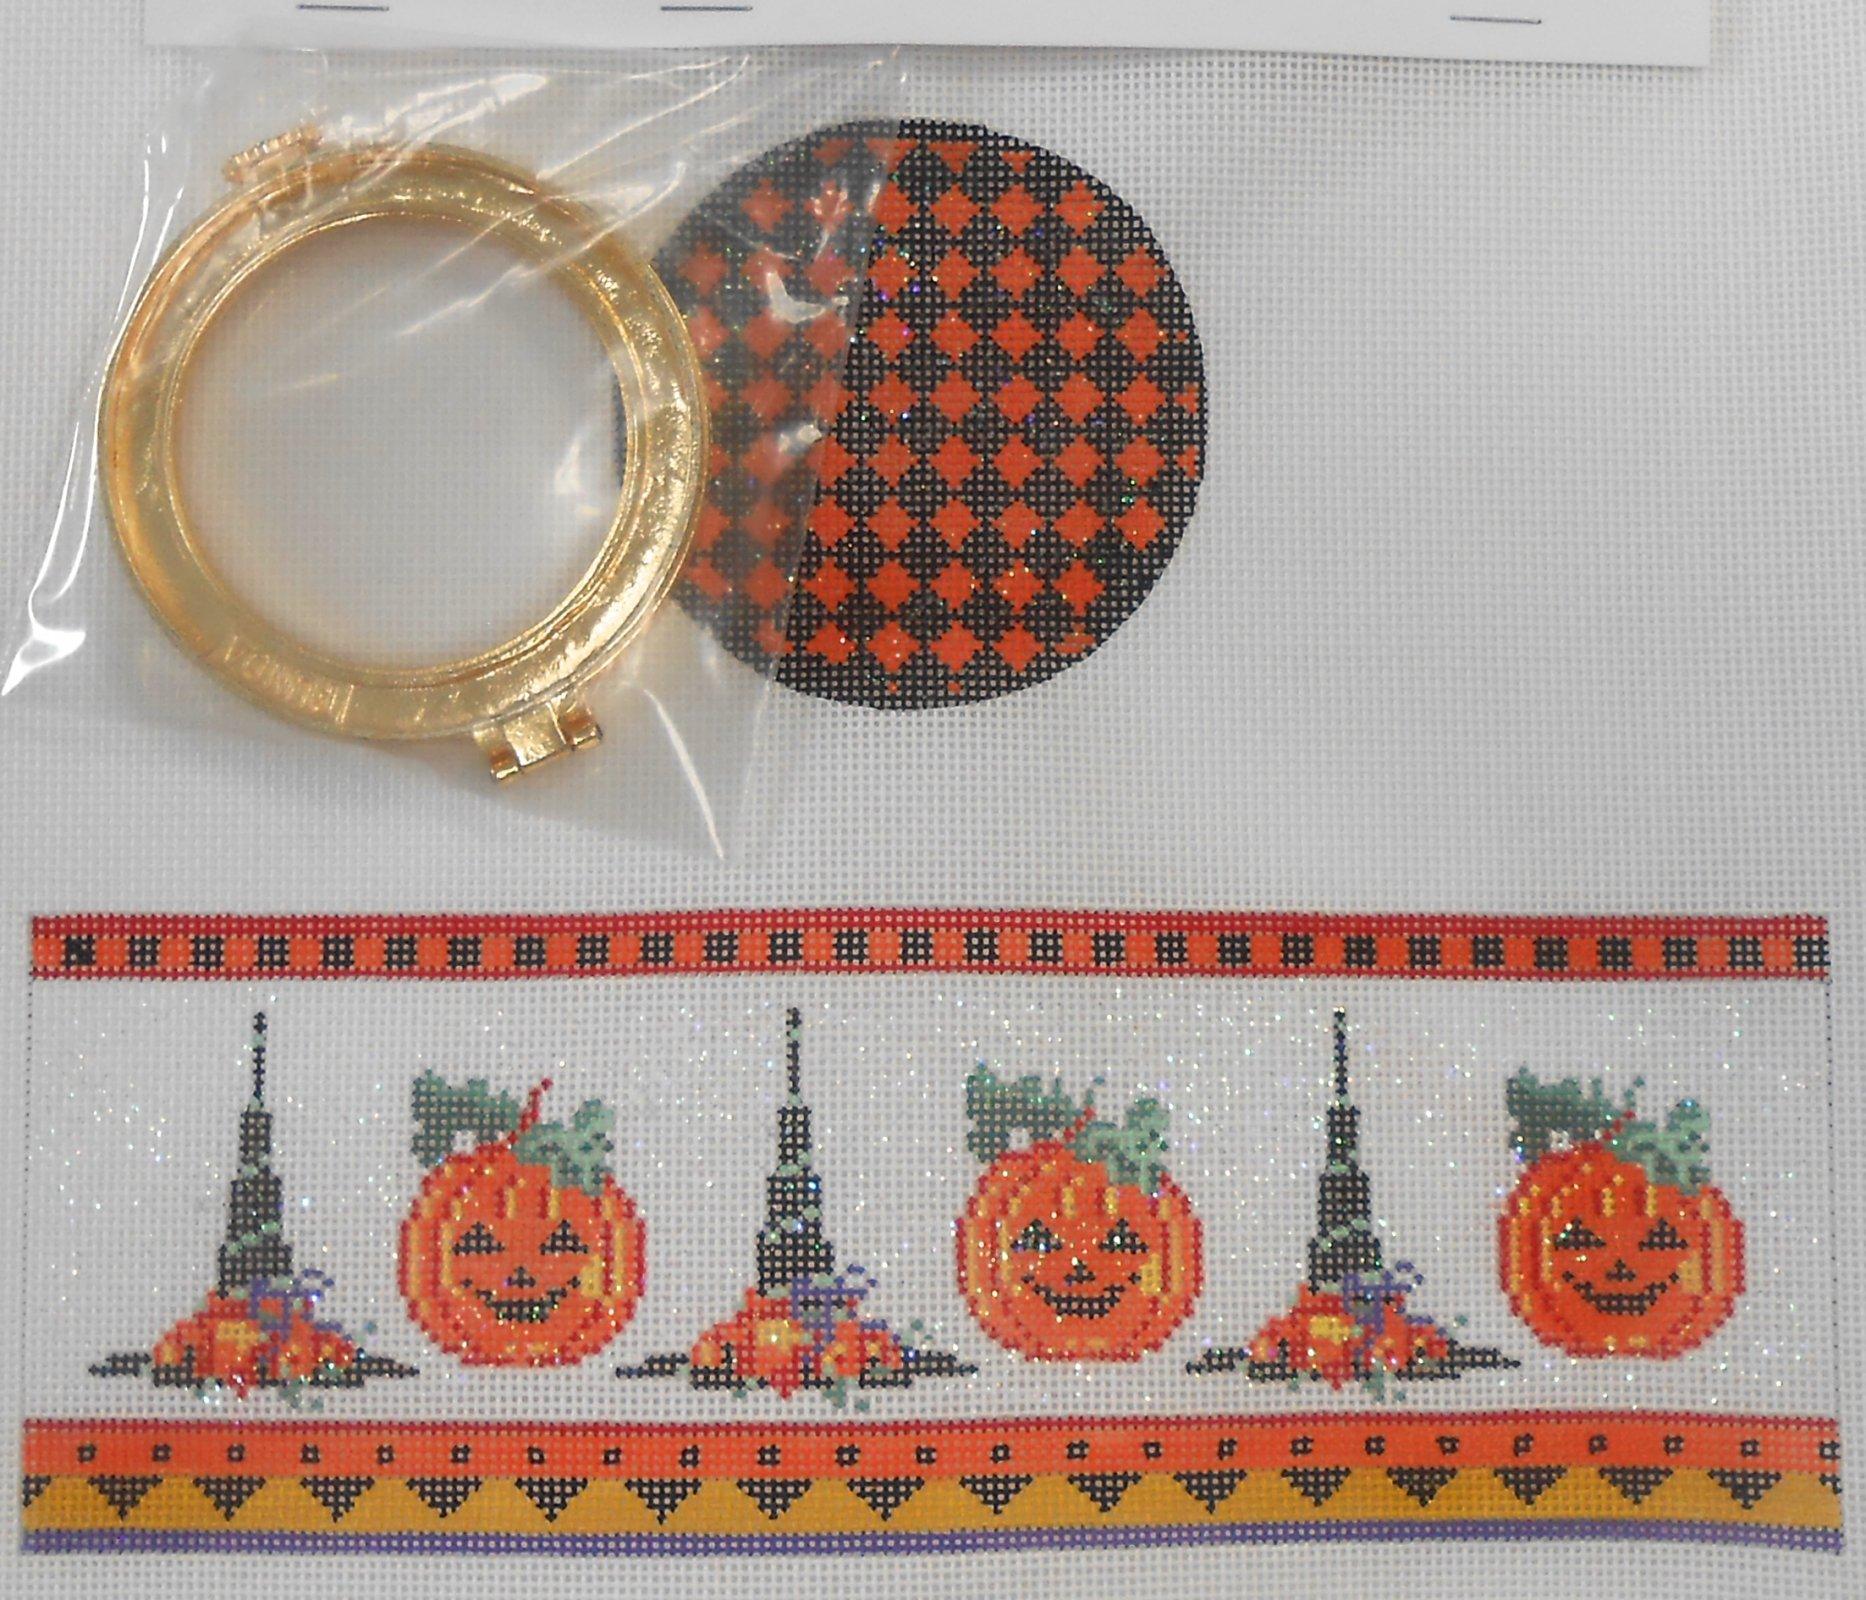 Hats & Pumpkins Round HInged Box